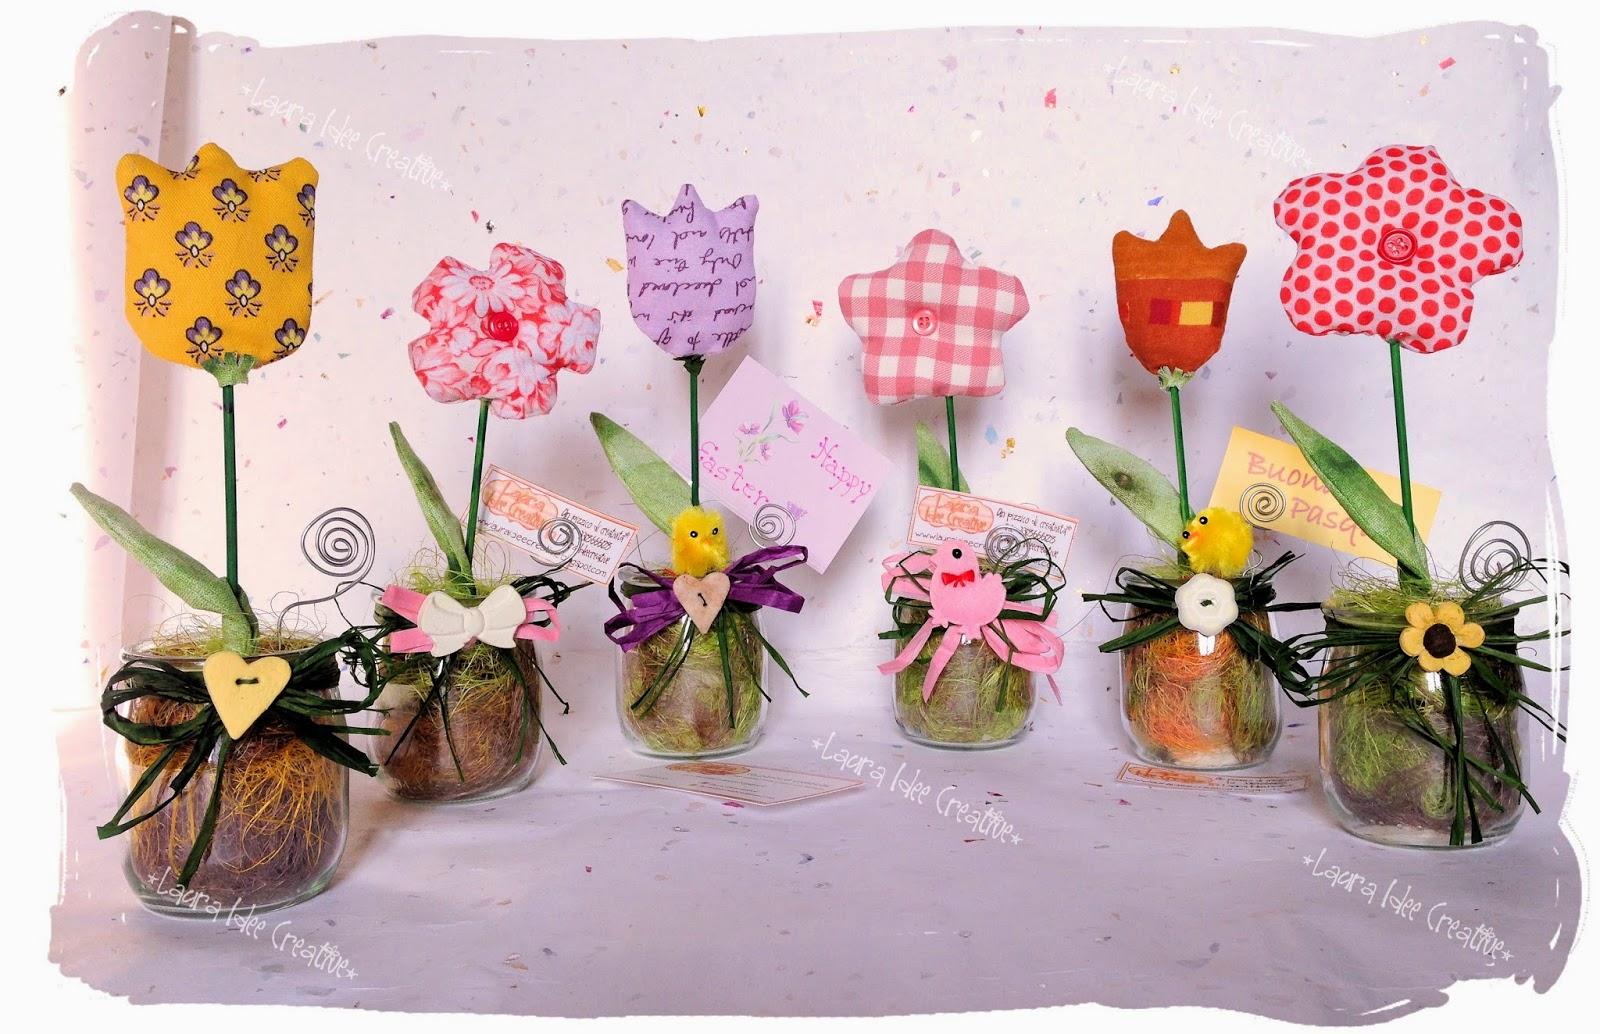 Laura idee creative primavera - Decorazioni primavera ...